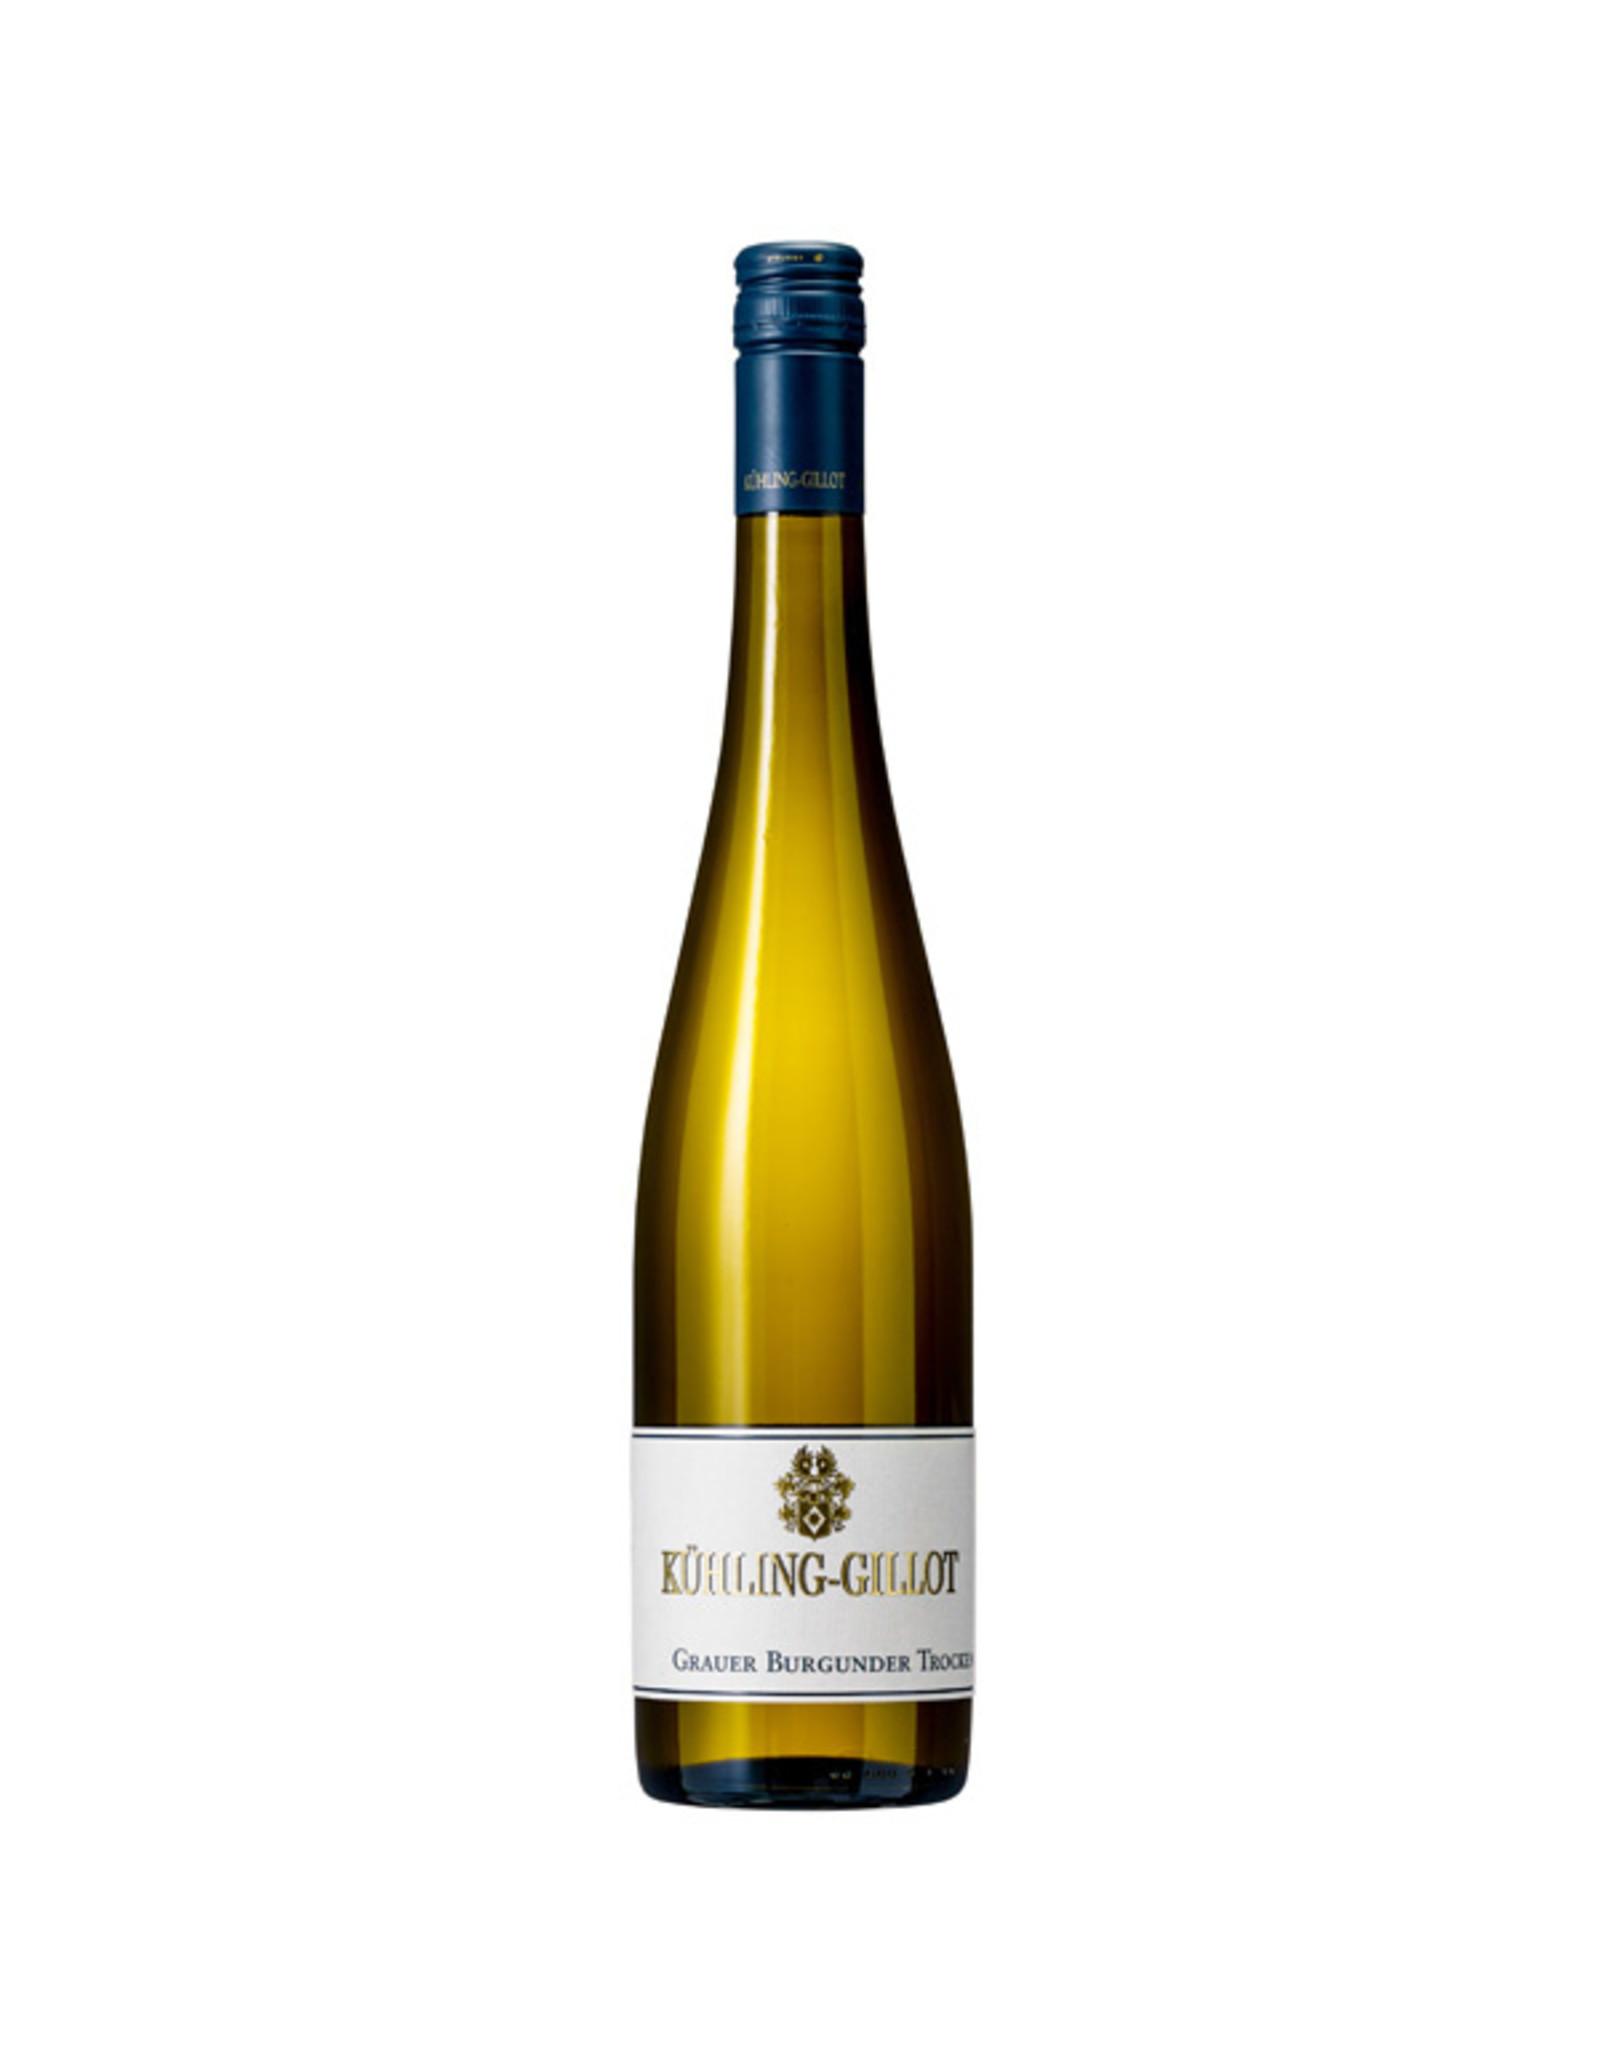 Weingut Kühling-Gillot, Bodenheim Kuhling Gillot Grauer Burgunder 20R20 2017